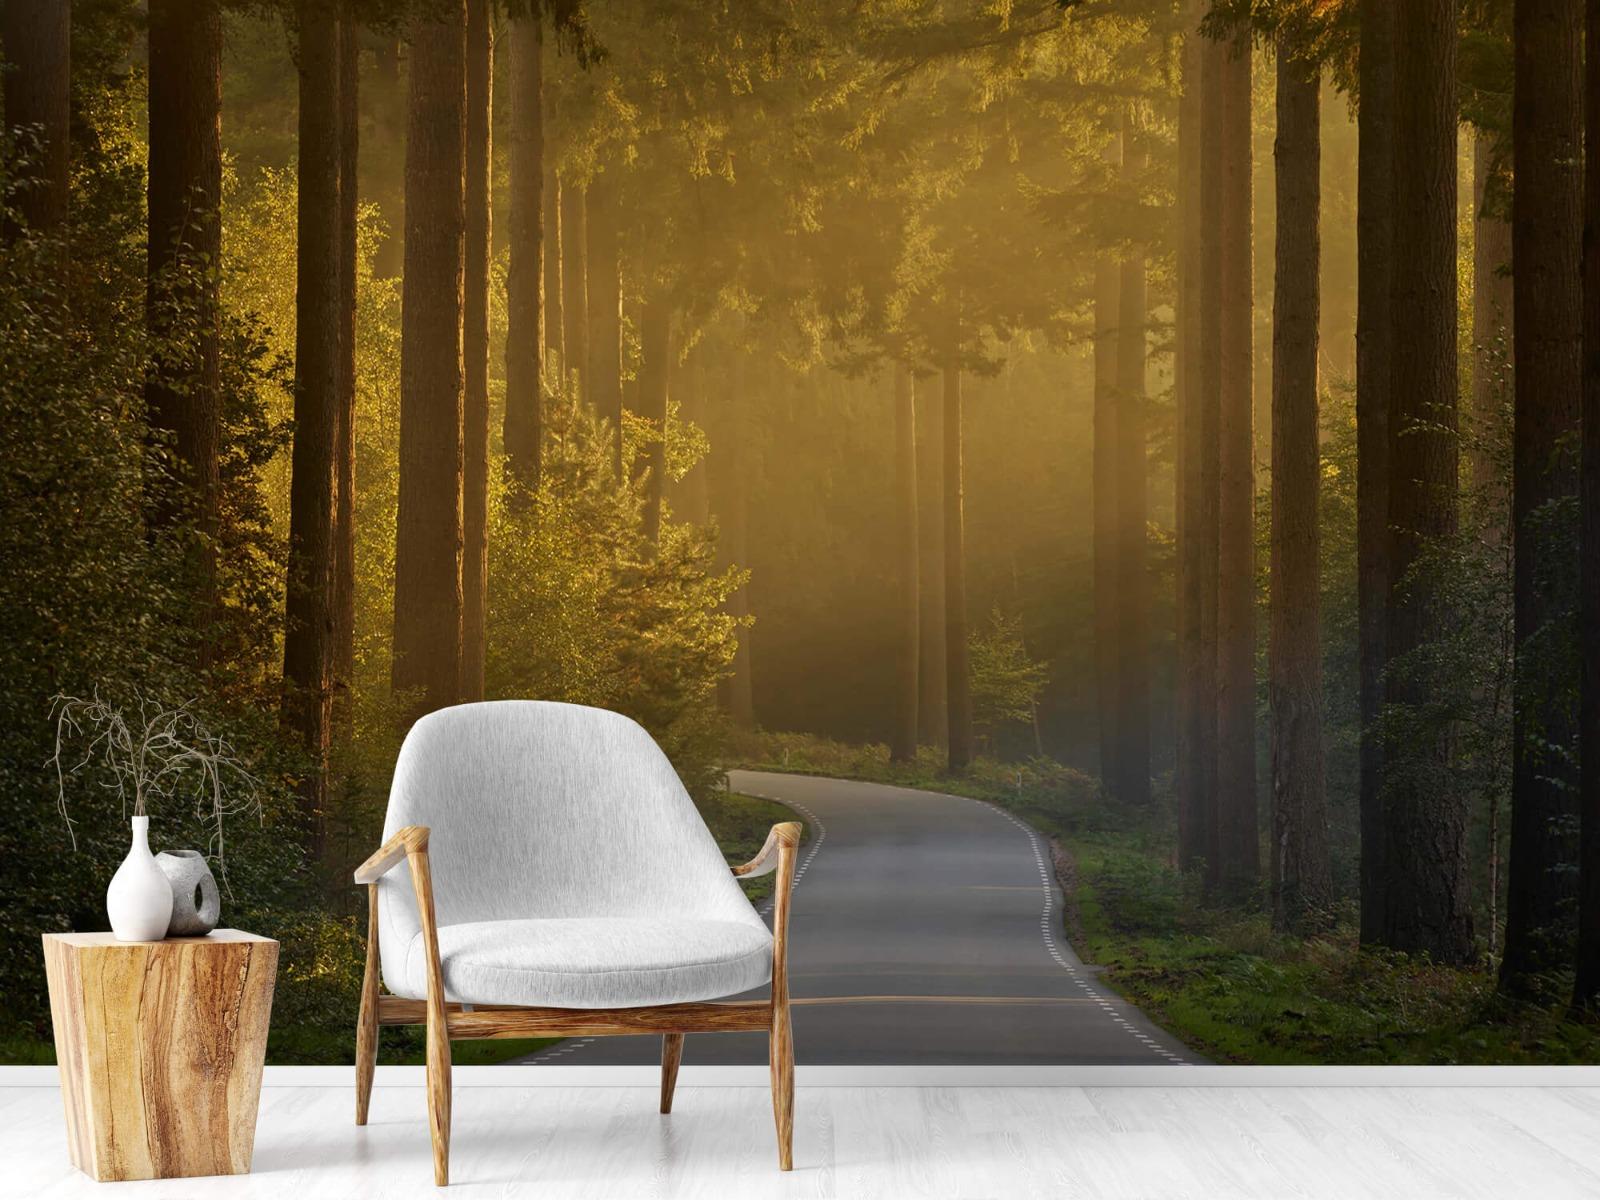 Natuur - Zonsopkomst bij weg door het bos 2